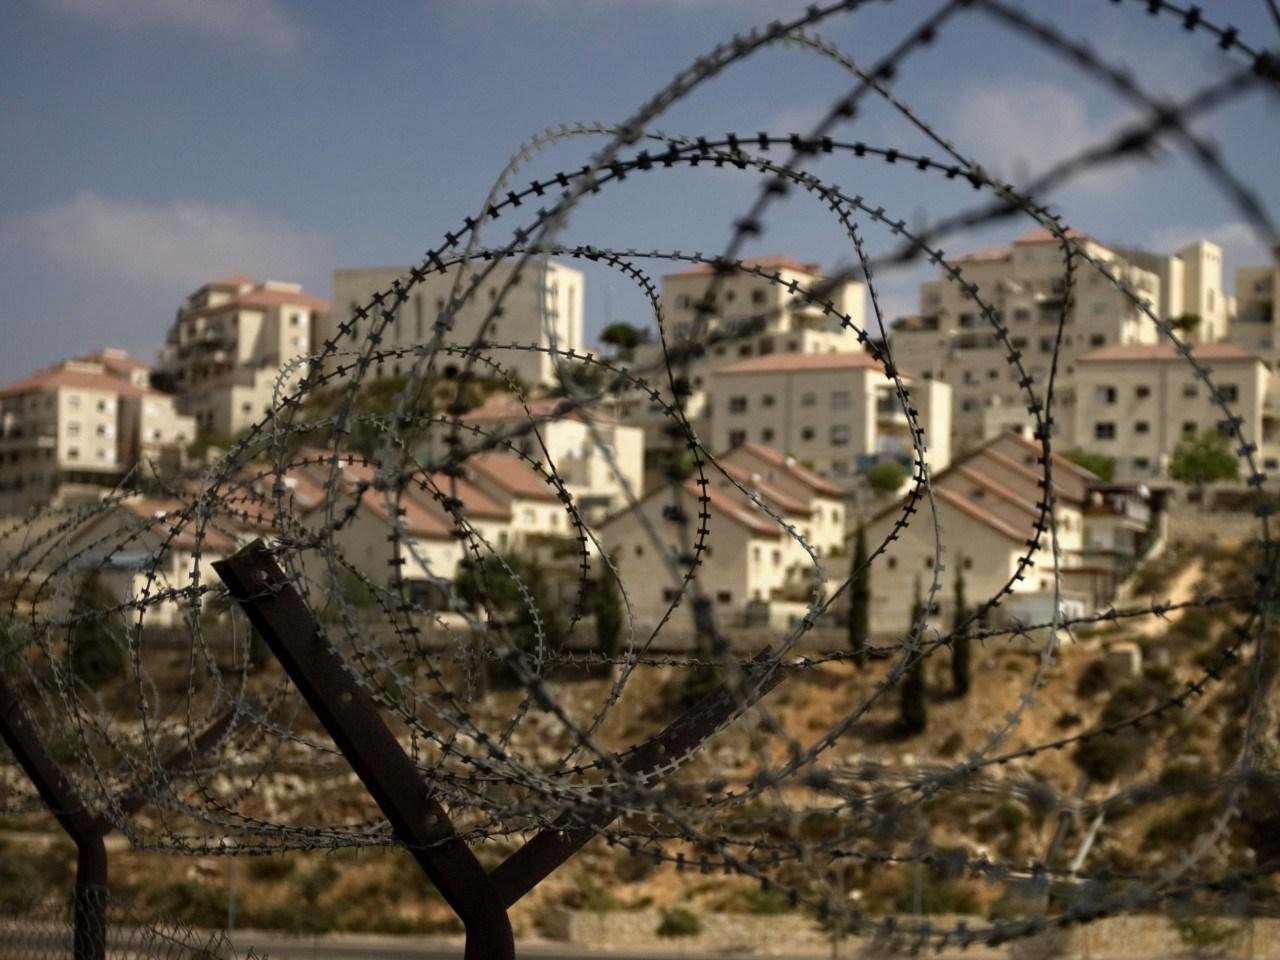 السلطة الفلسطينية تدعو إلى اتخاذ خطوات ملموسة تبدأ بمقاطعة شاملة للاستيطان